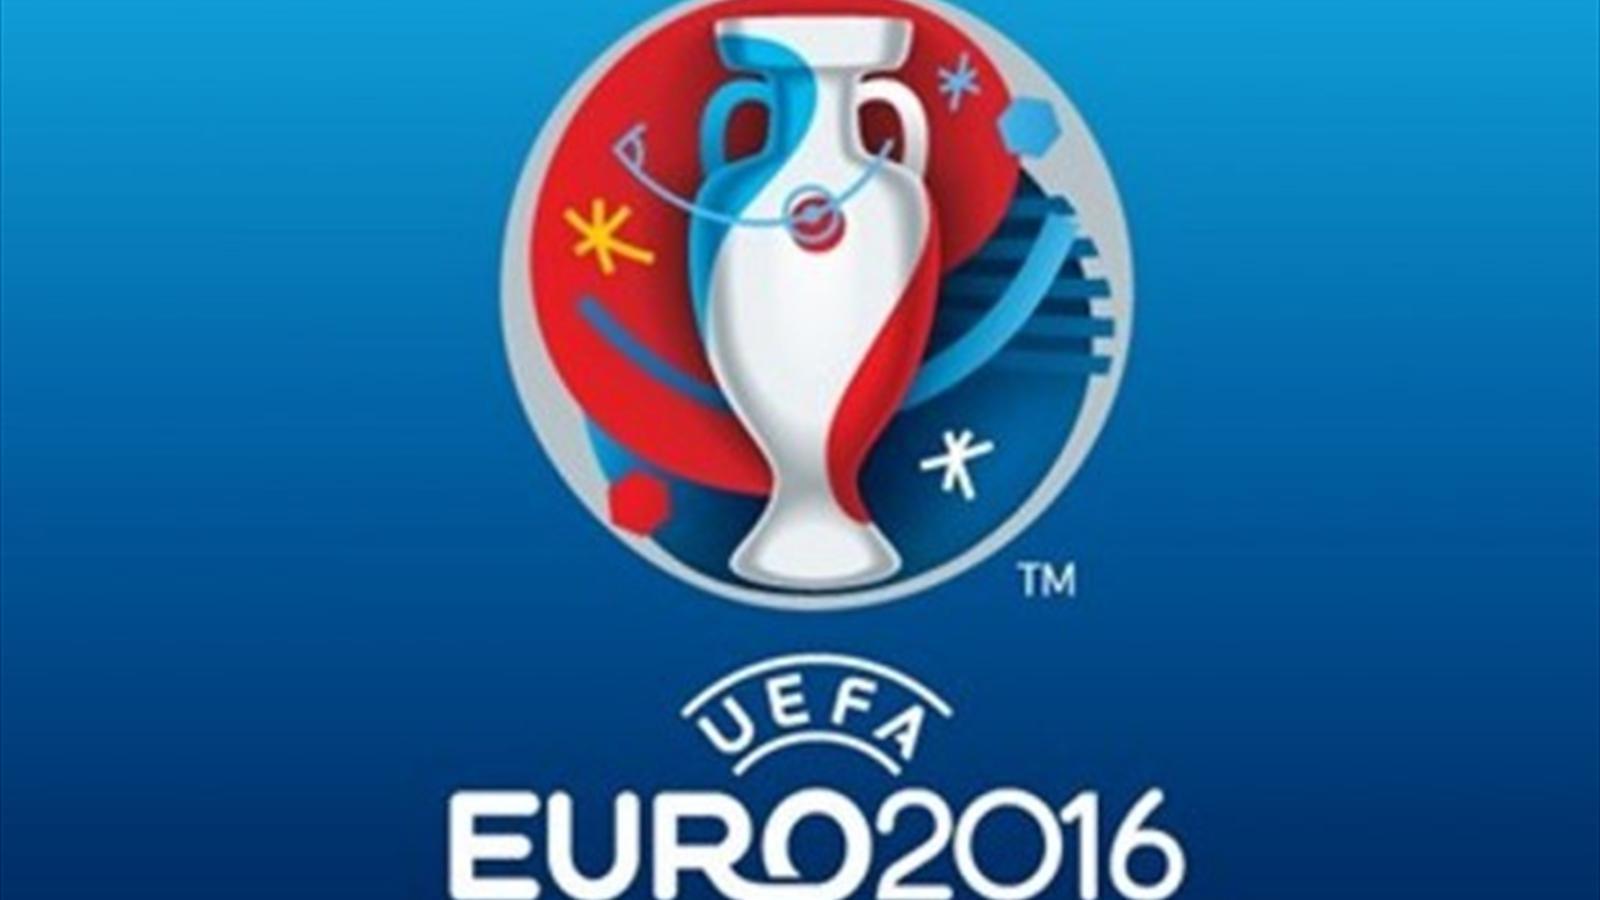 Евро-2016, сборная Словакии, сборная России, сборная Швейцарии, сборная Германии, сборная Франции, сборная Англии, сборная Уэльса, сборная Албании, сборная Румынии